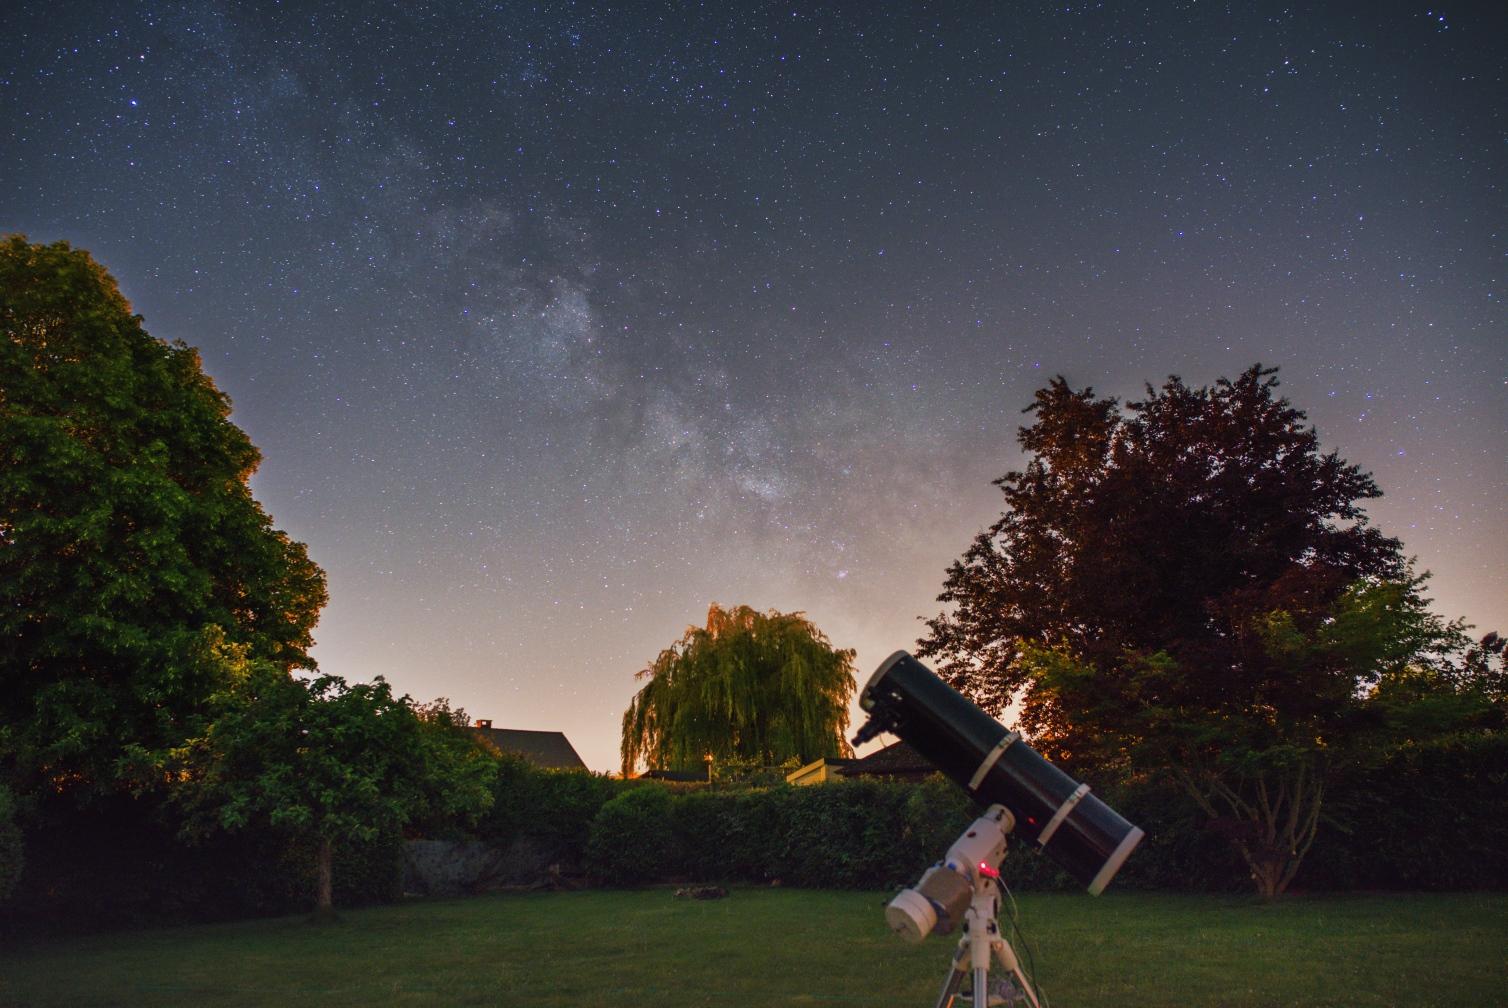 Riches soirées: M92, ngc6543, Voie lactée, Visuel assisté ... 122643-1590158433